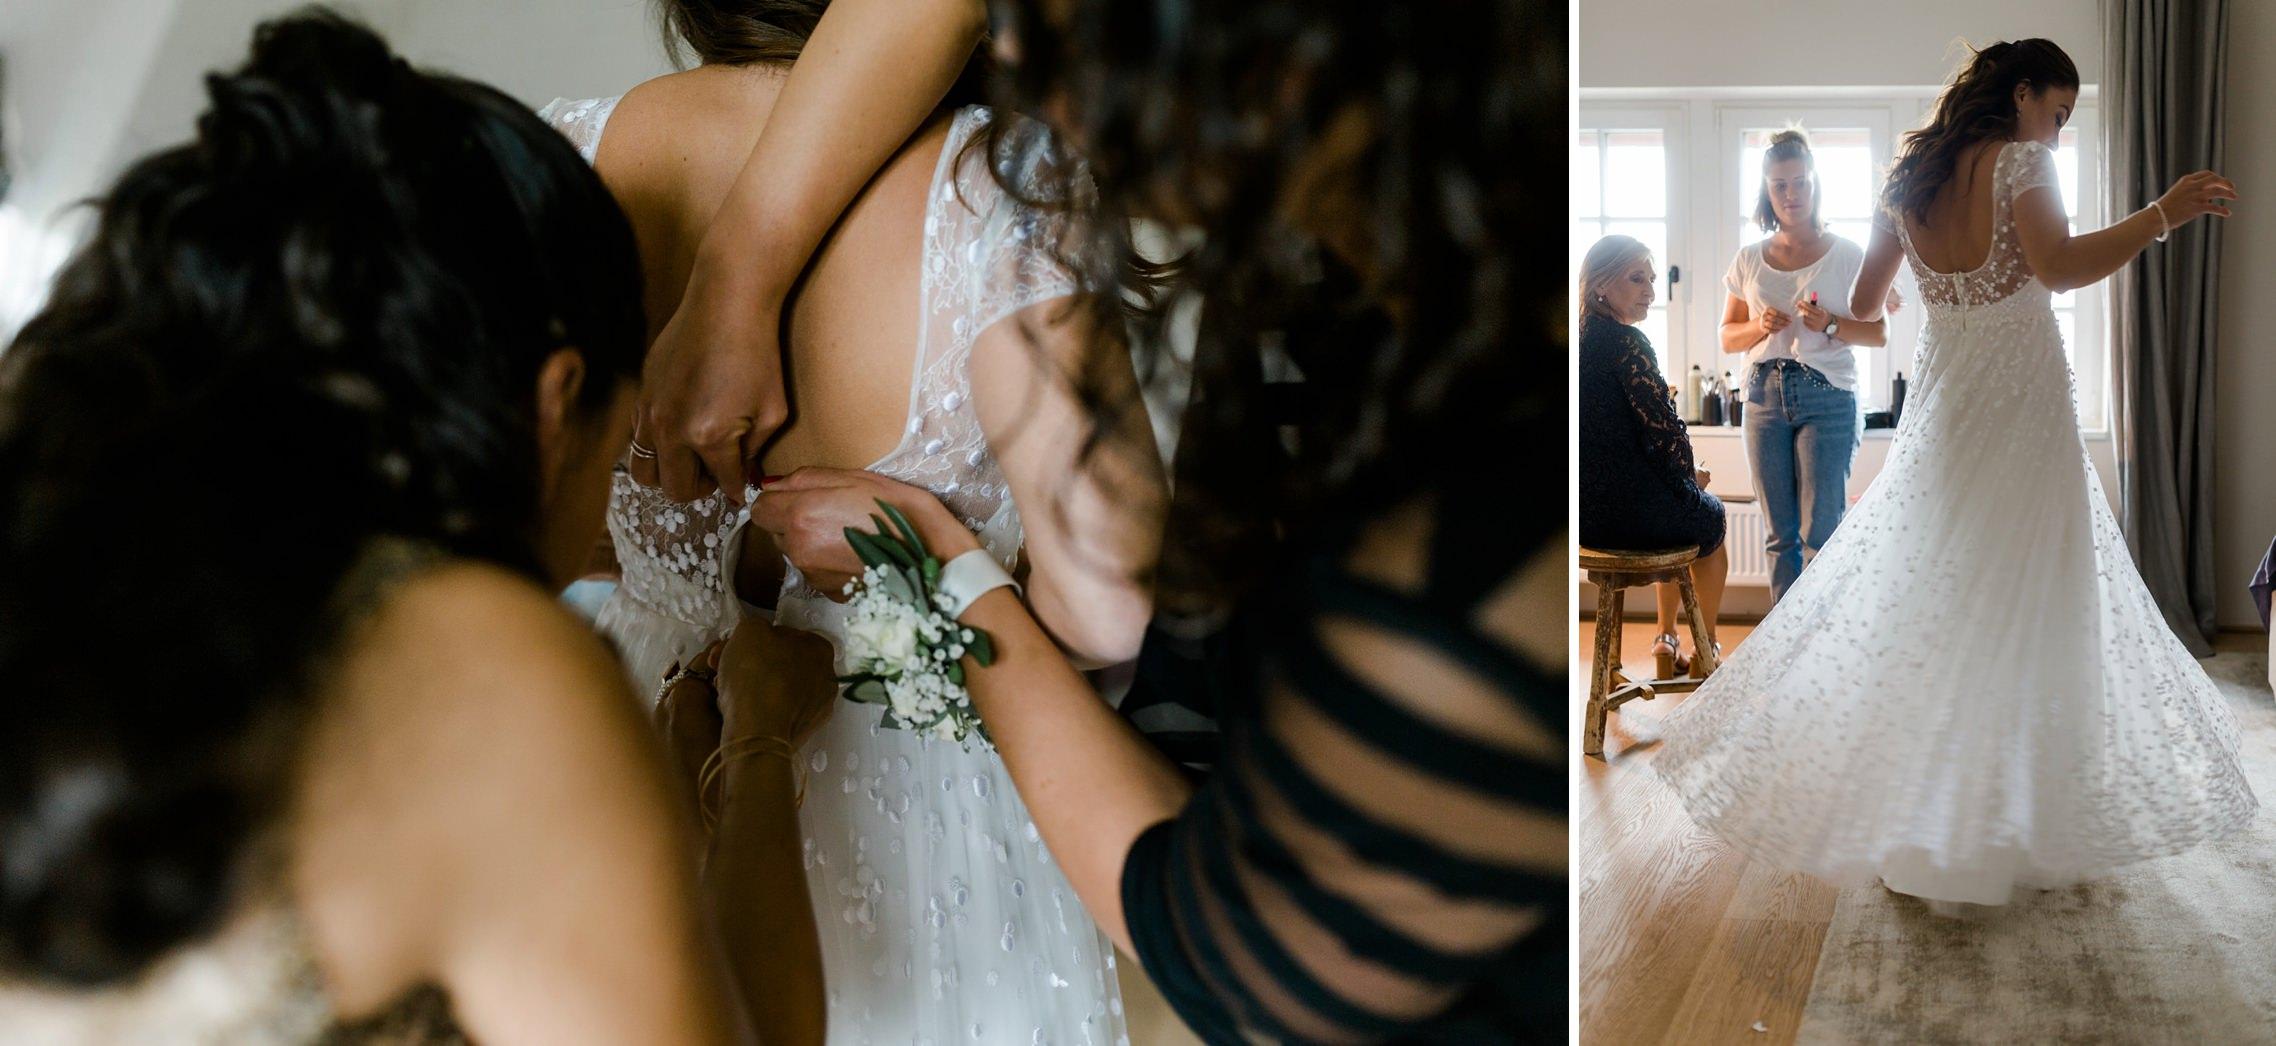 Das Brautkleid wird beim Getting Ready im Gut Hermannsberg zugeknöpft und die Braut dreht sich mit dem Kleid im Kreis.